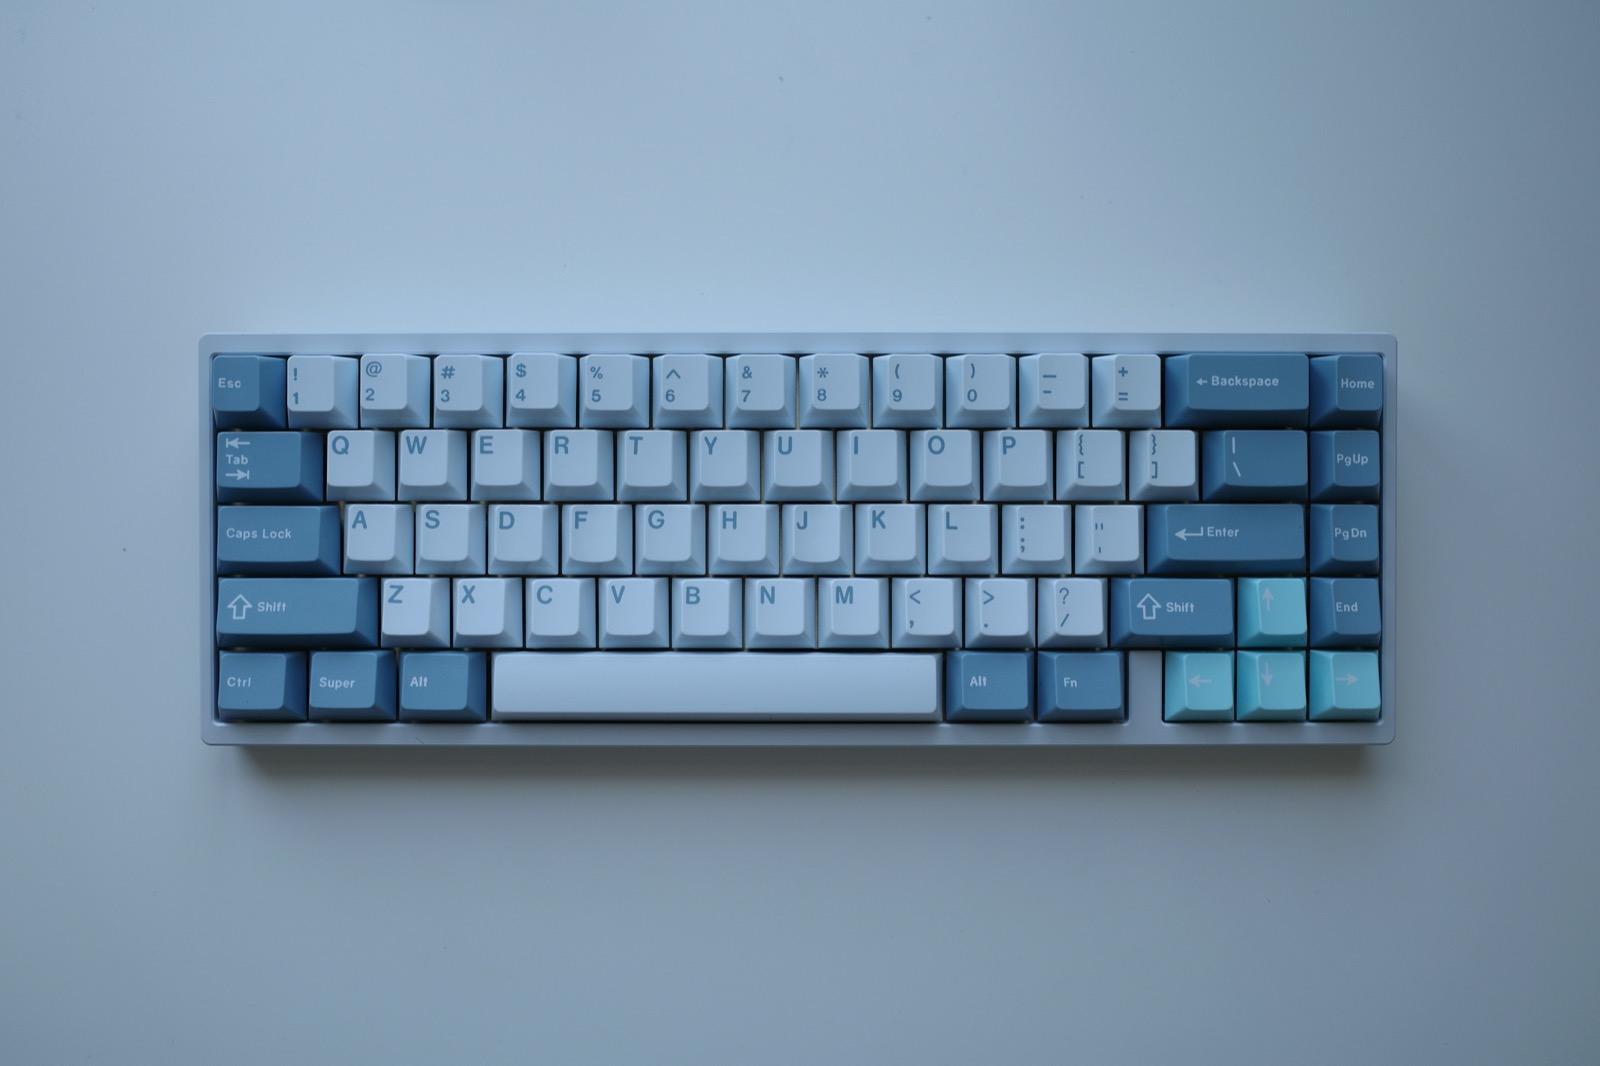 KBD67 Keyboard